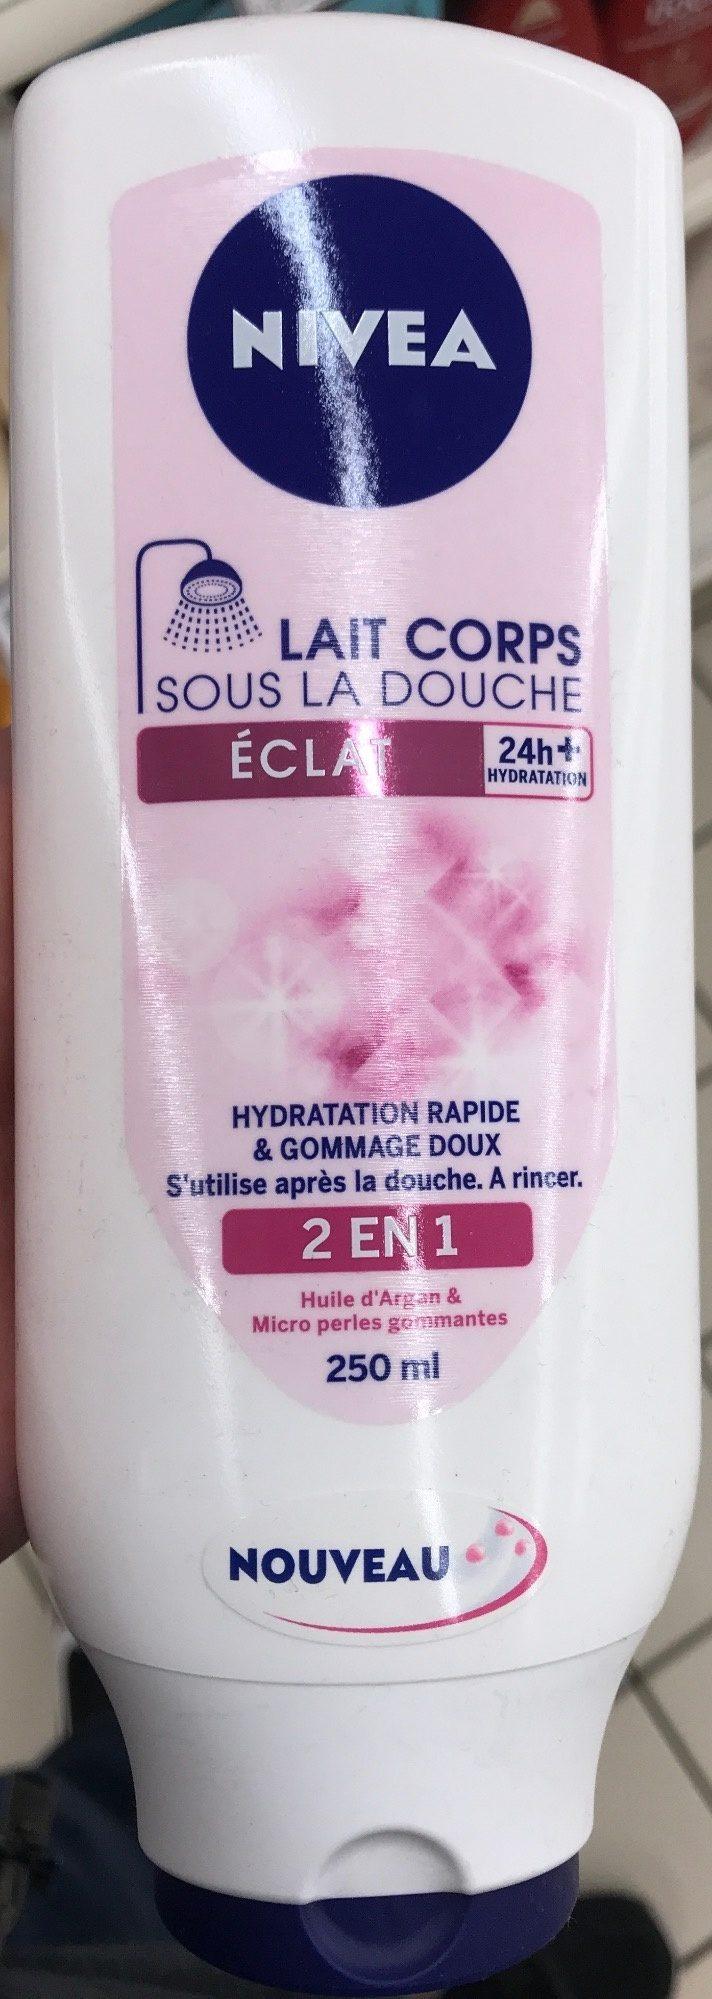 Lait corps sous la douche Eclat 2 en 1 - Product - fr